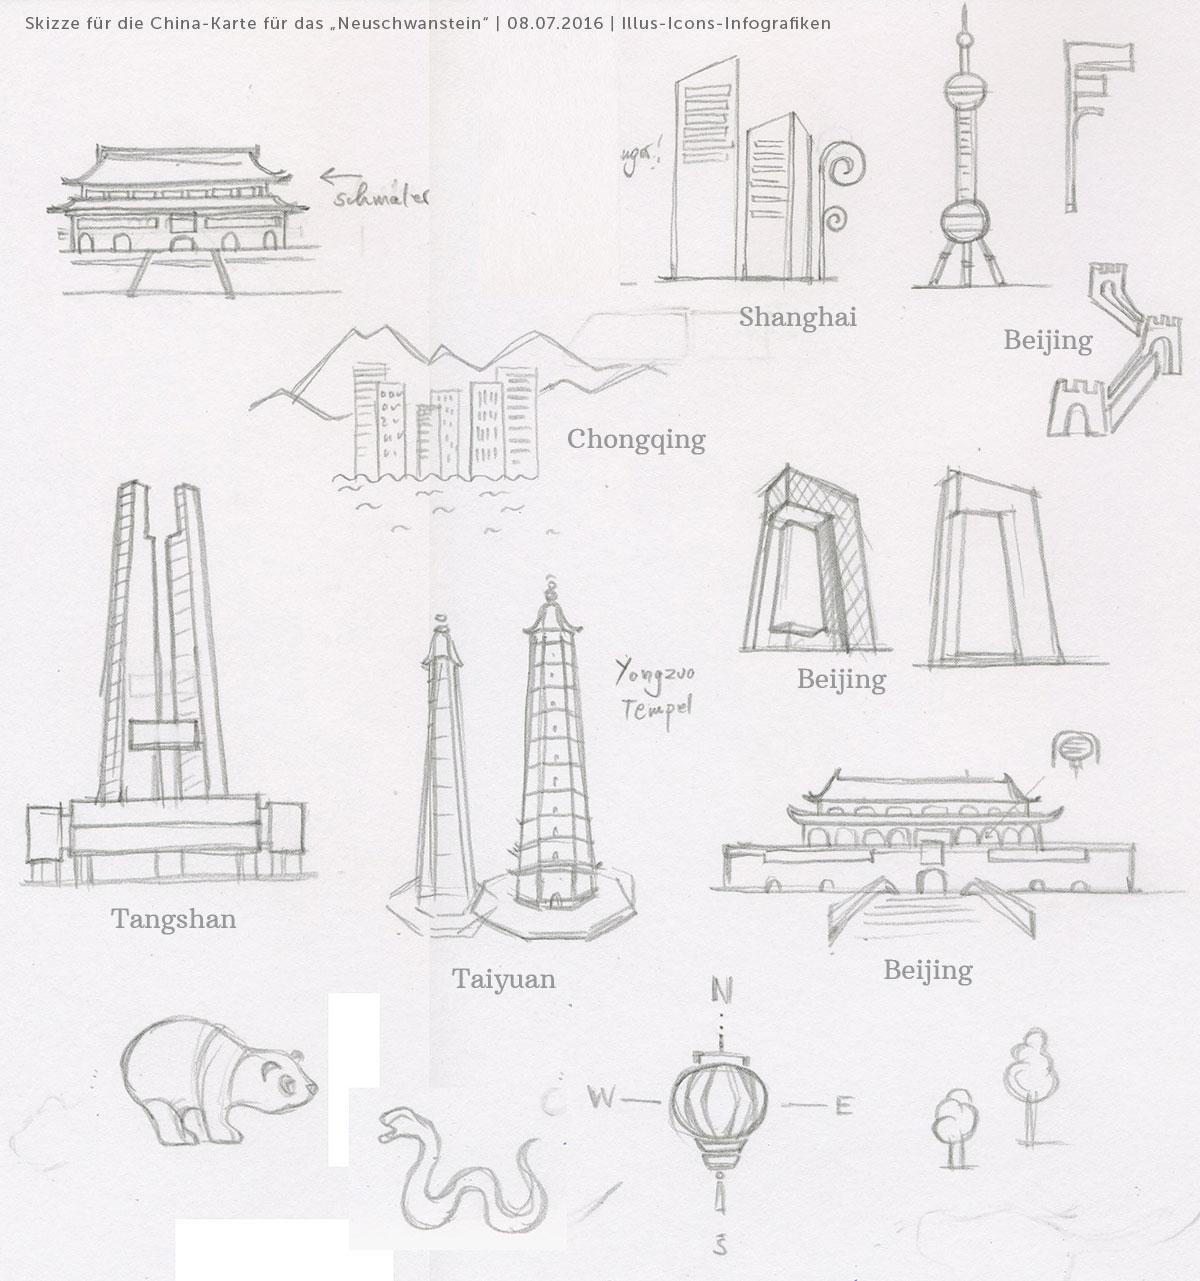 China-Icons-Skizze